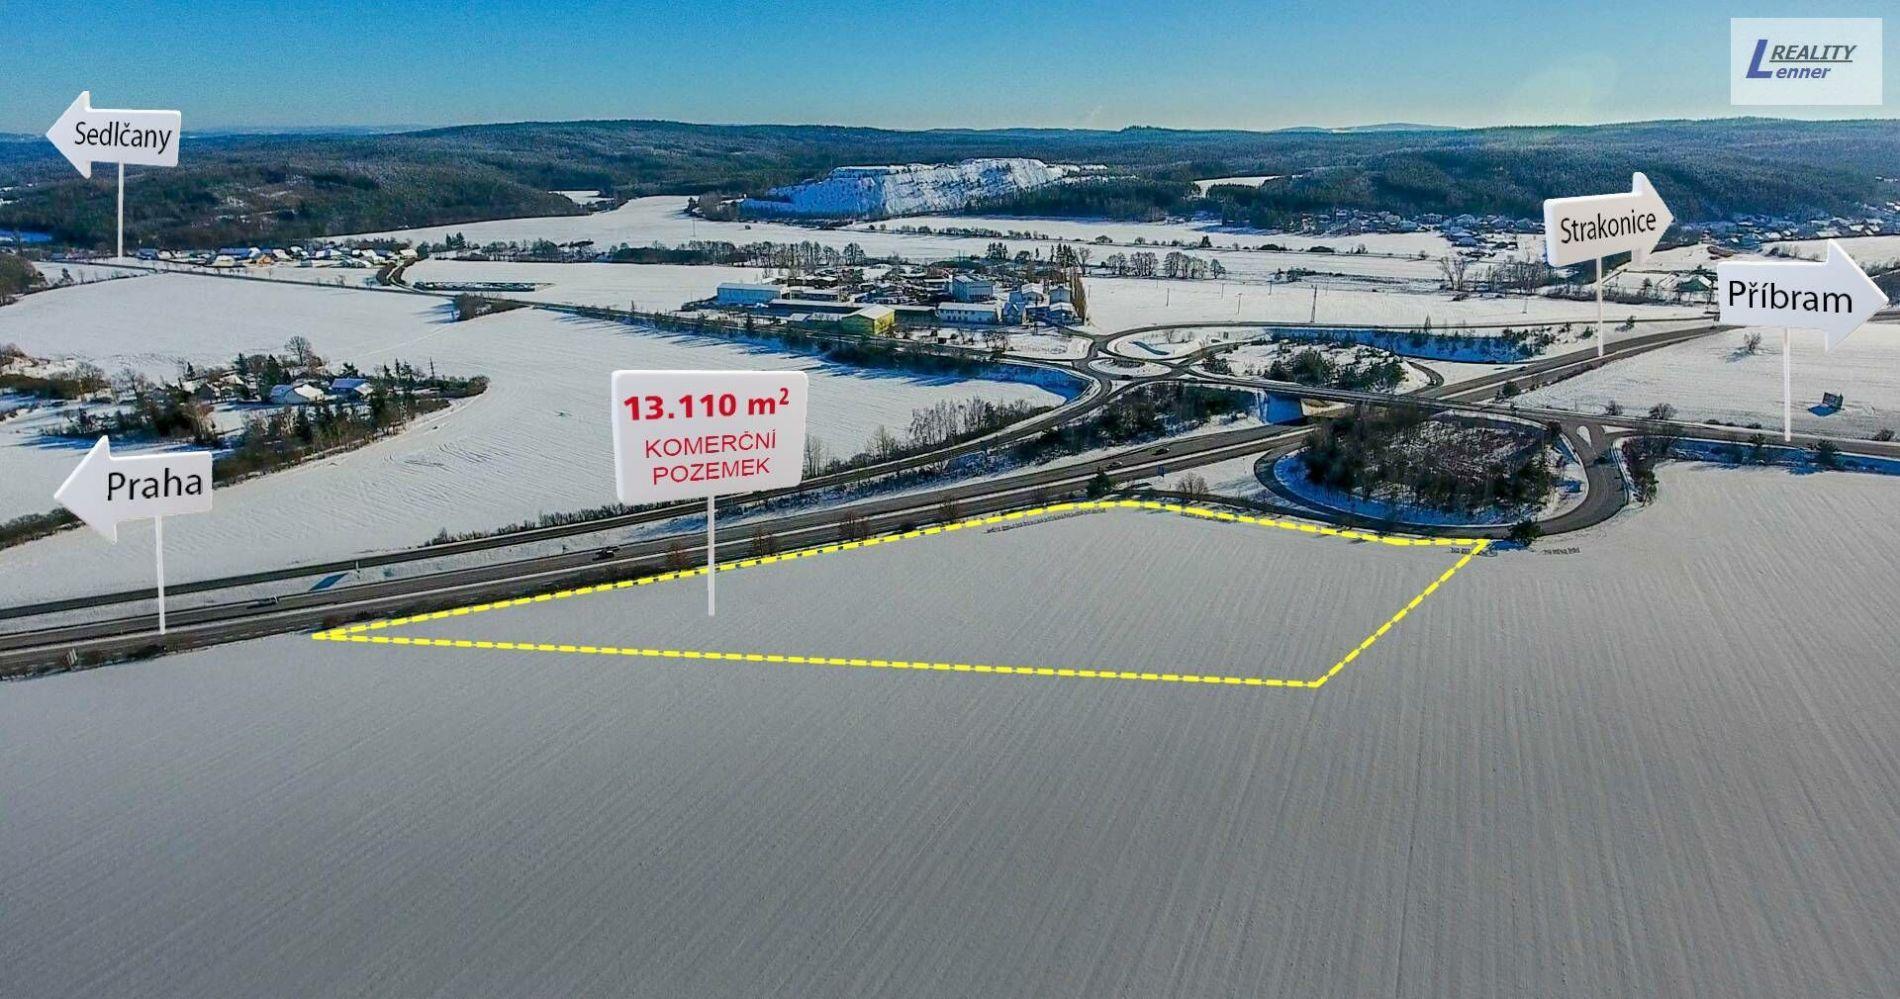 Stavební pozemek 13.110 m2, přímo u dálnice D4 u sjezdu na Příbram